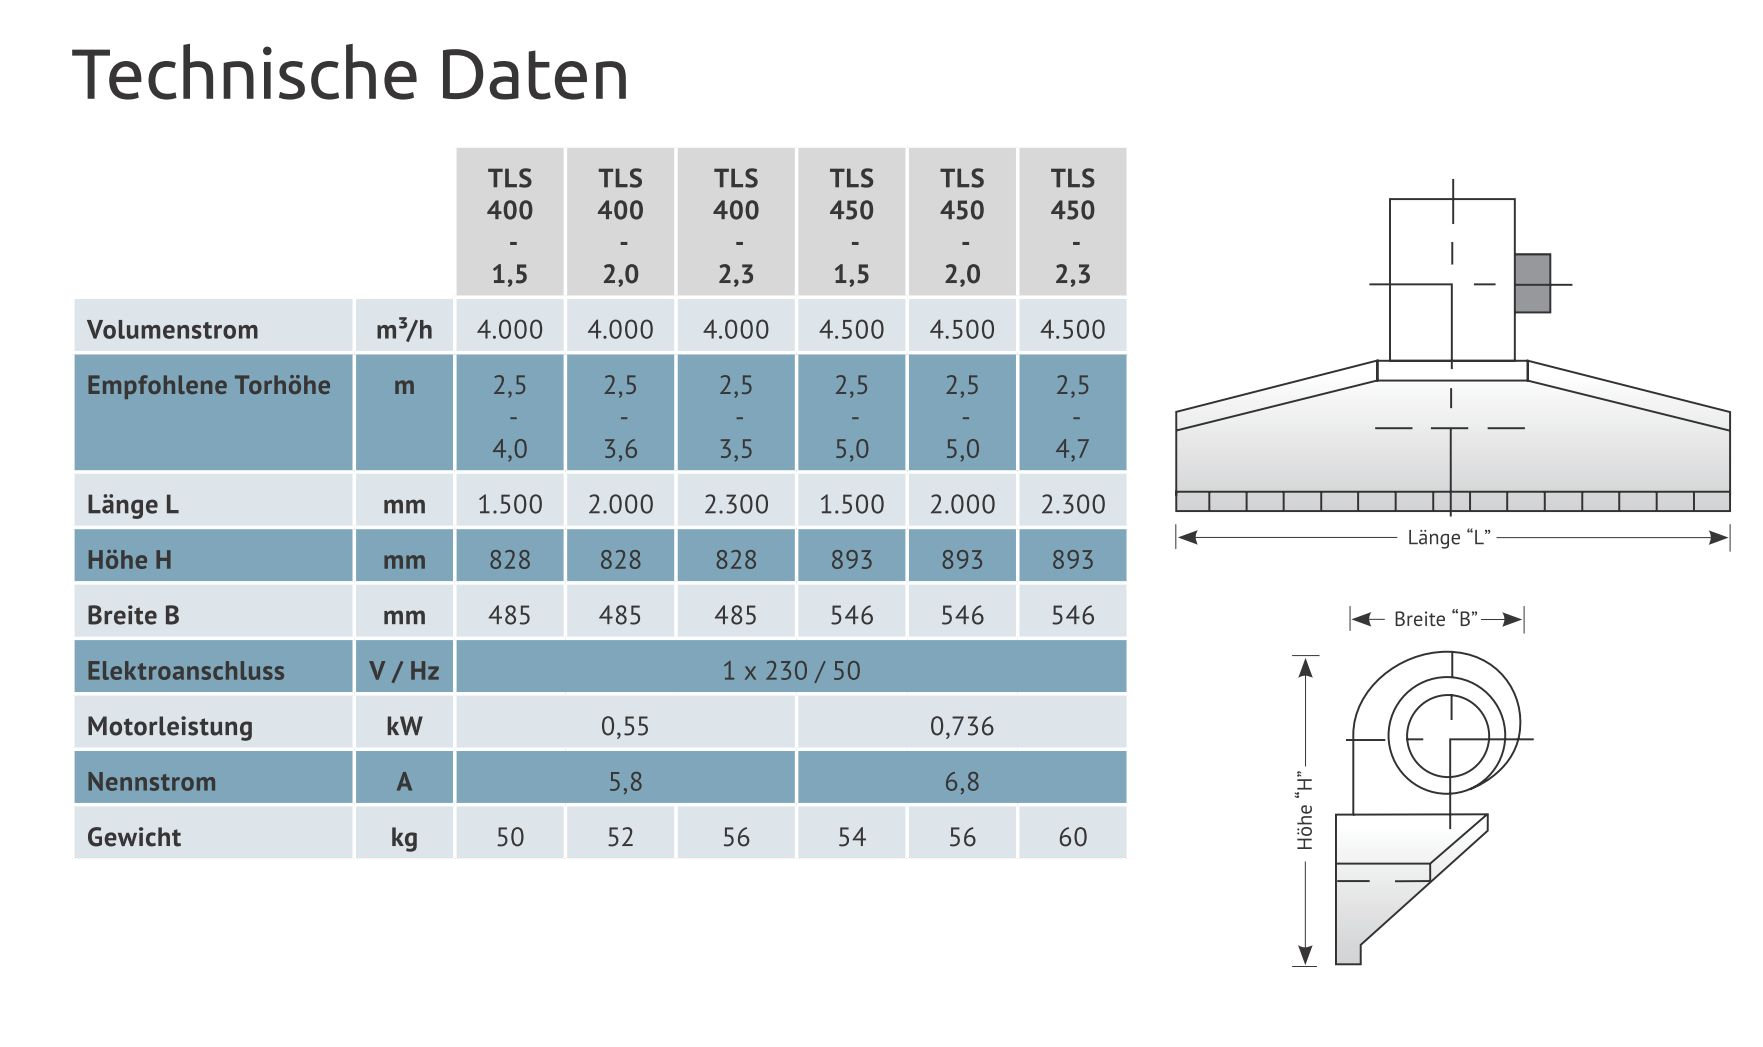 nordluft torluftschleier die effektive temperaturbarriere. Black Bedroom Furniture Sets. Home Design Ideas